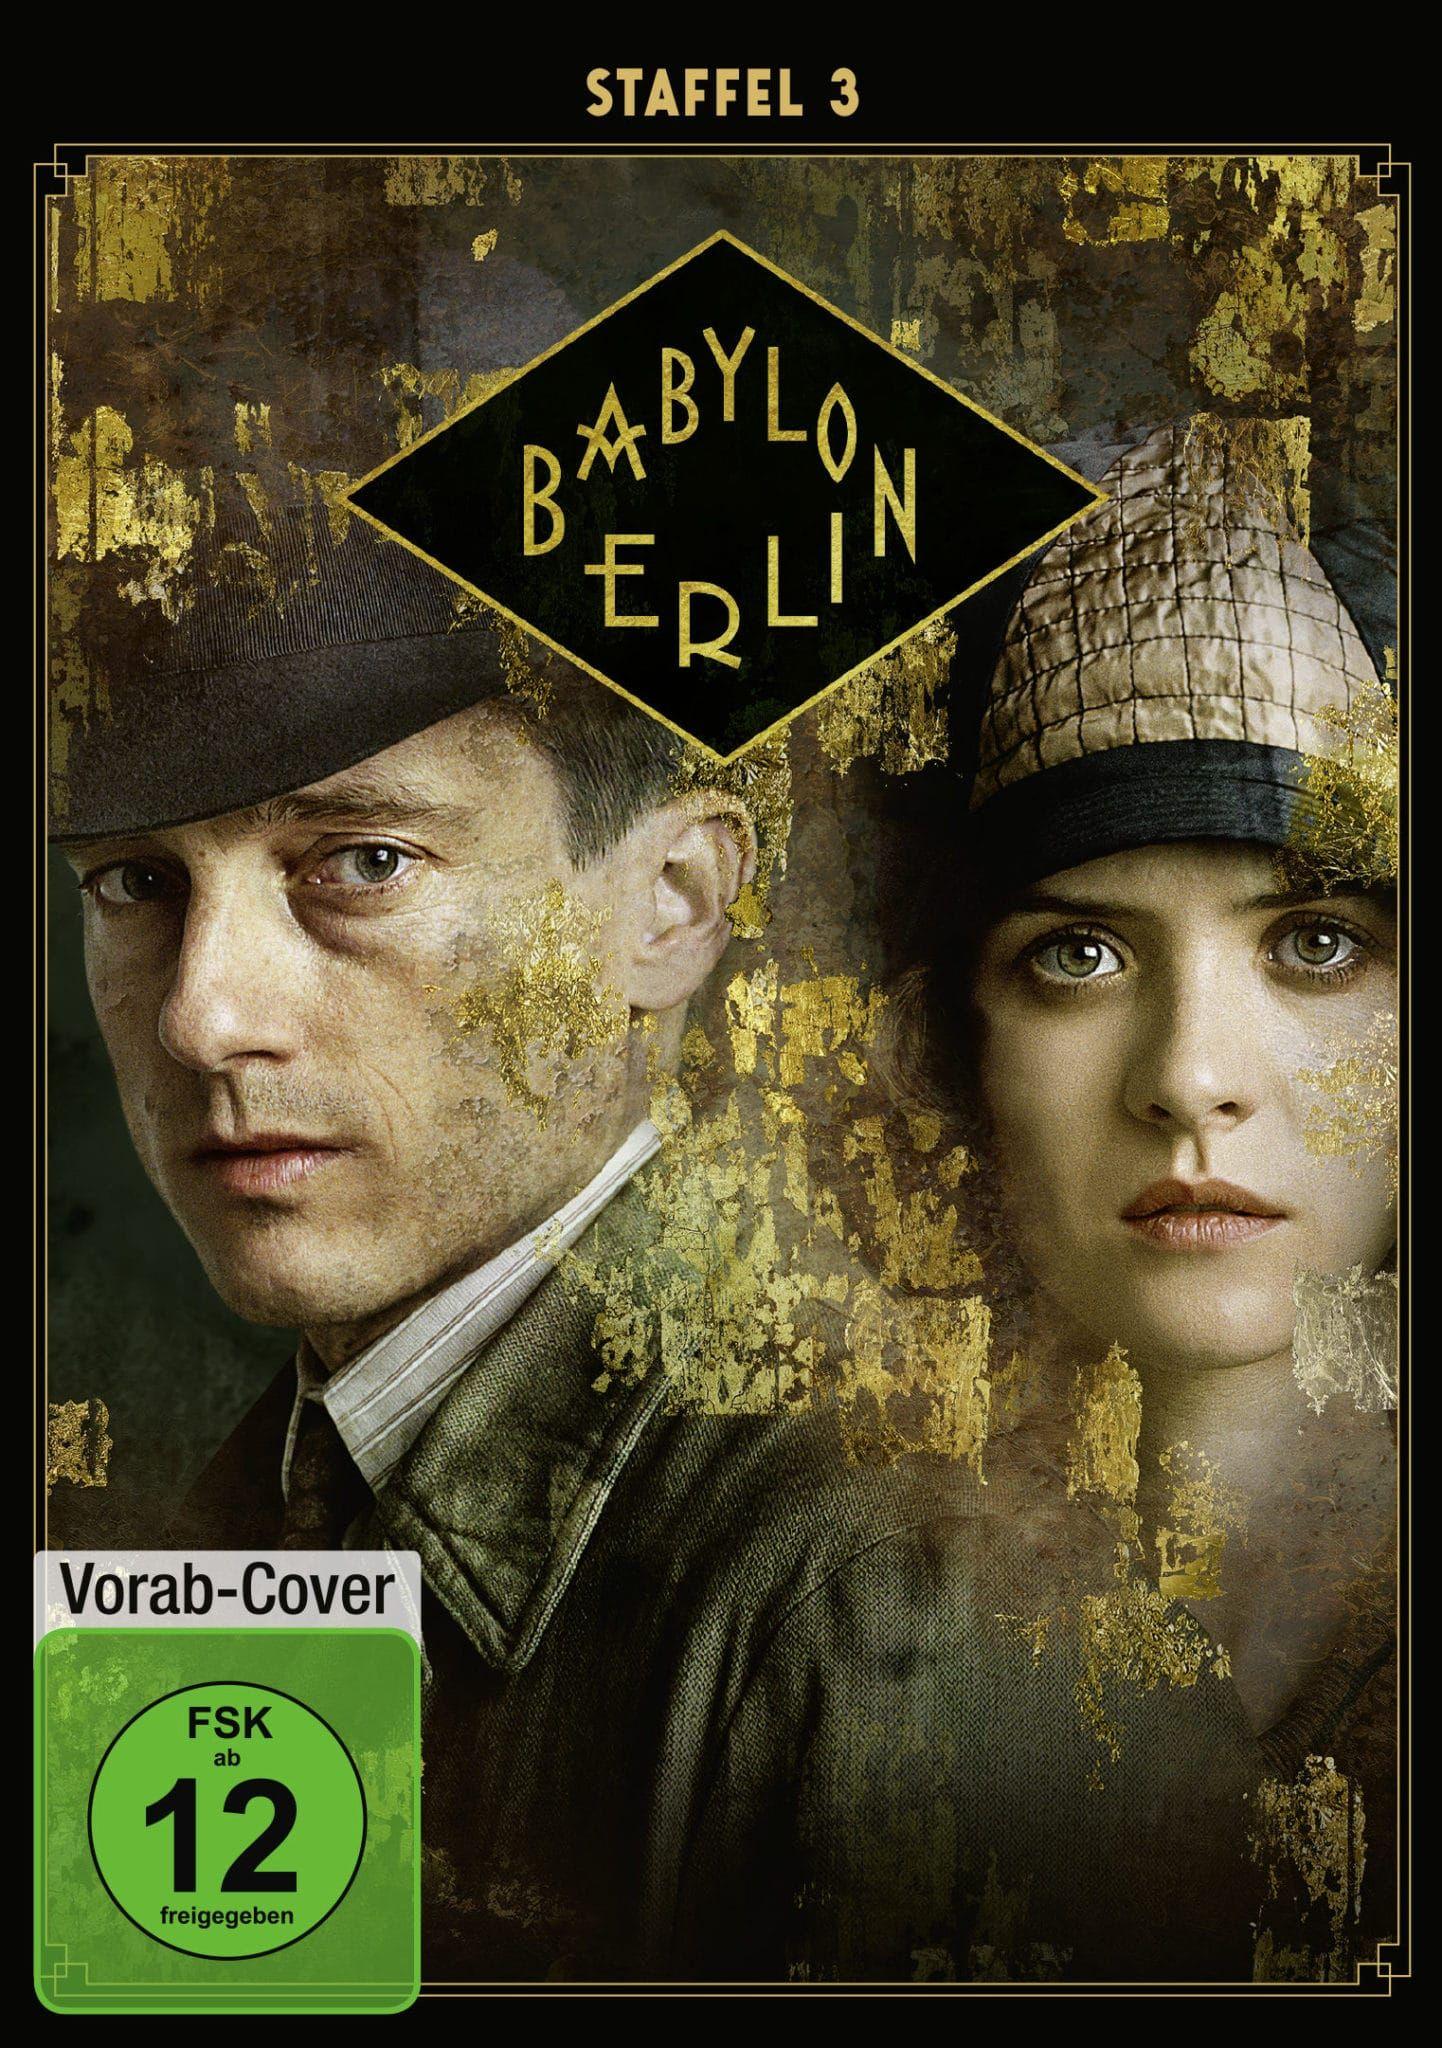 Babylon Berlin Die 3 Staffel Cityguide Staffel 3 Krimi Deutsch Tv